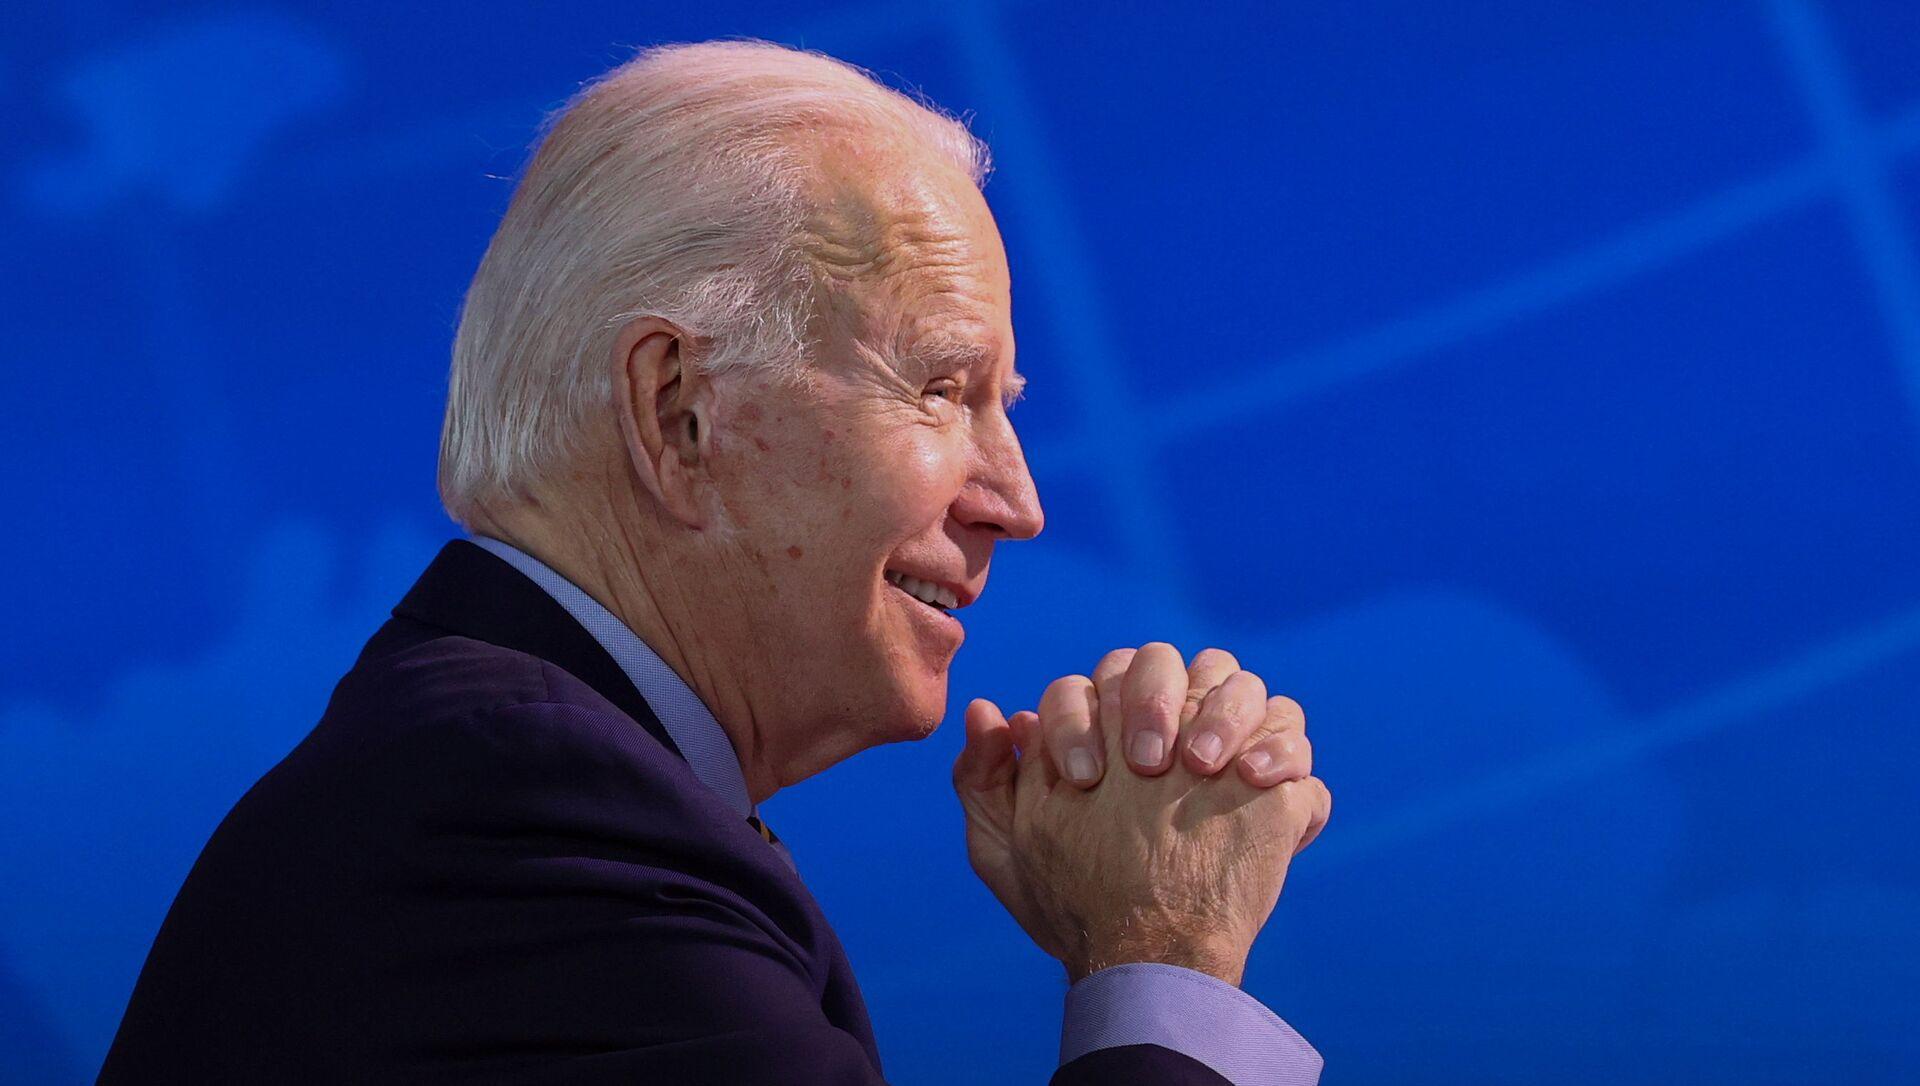 El presidente electo de EEUU Joe Biden - Sputnik Mundo, 1920, 20.01.2021